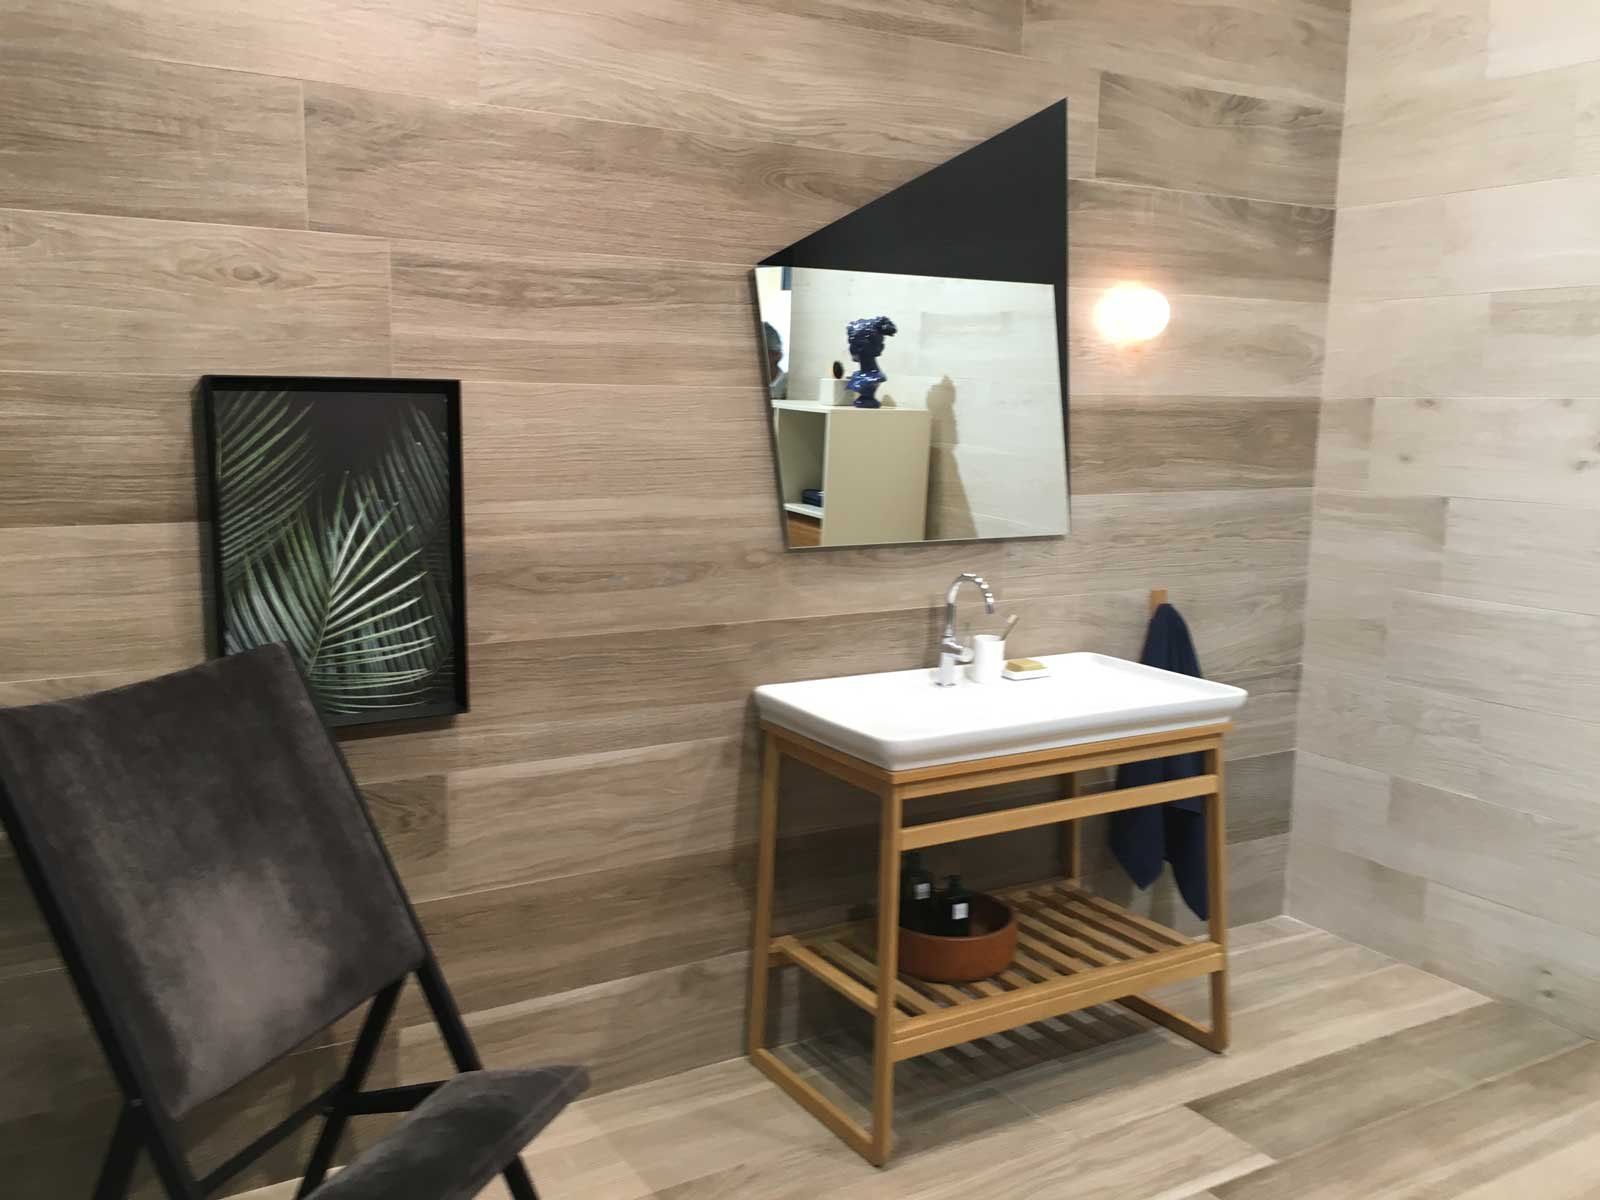 Piastrelle effetto legno anche a parete cose di casa for Mattonelle per salone